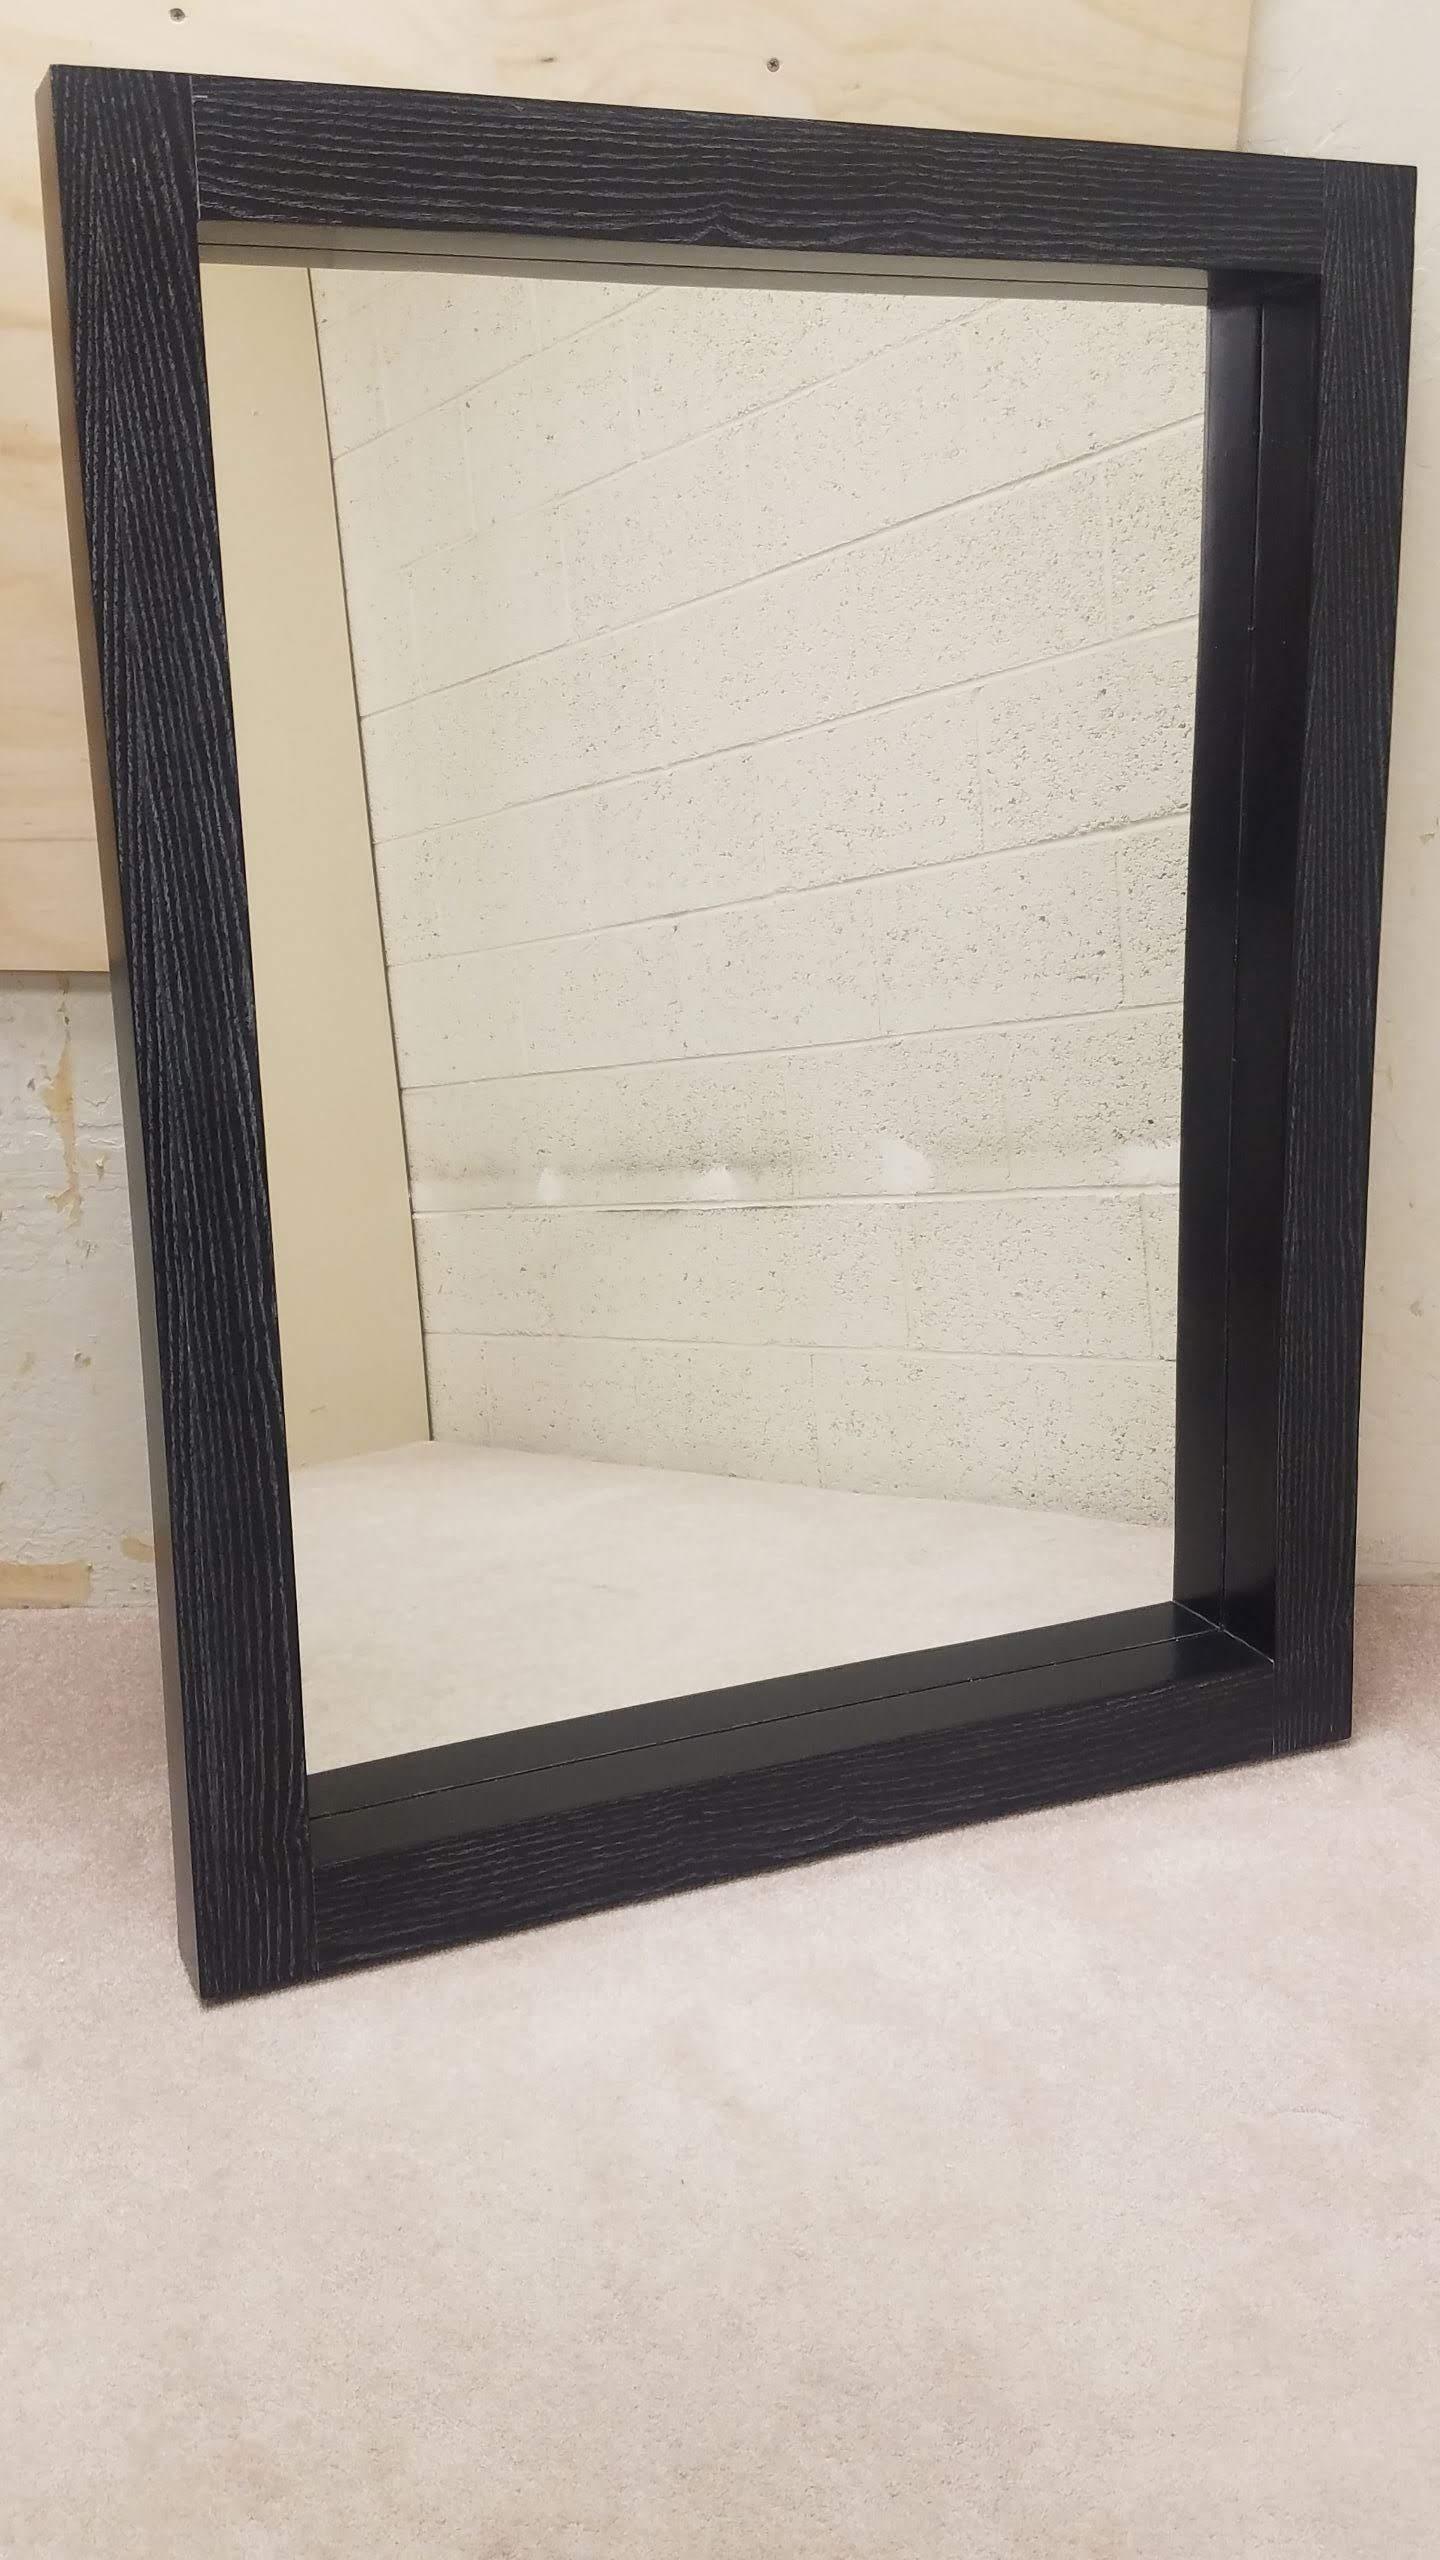 Small Mirror: $200.00